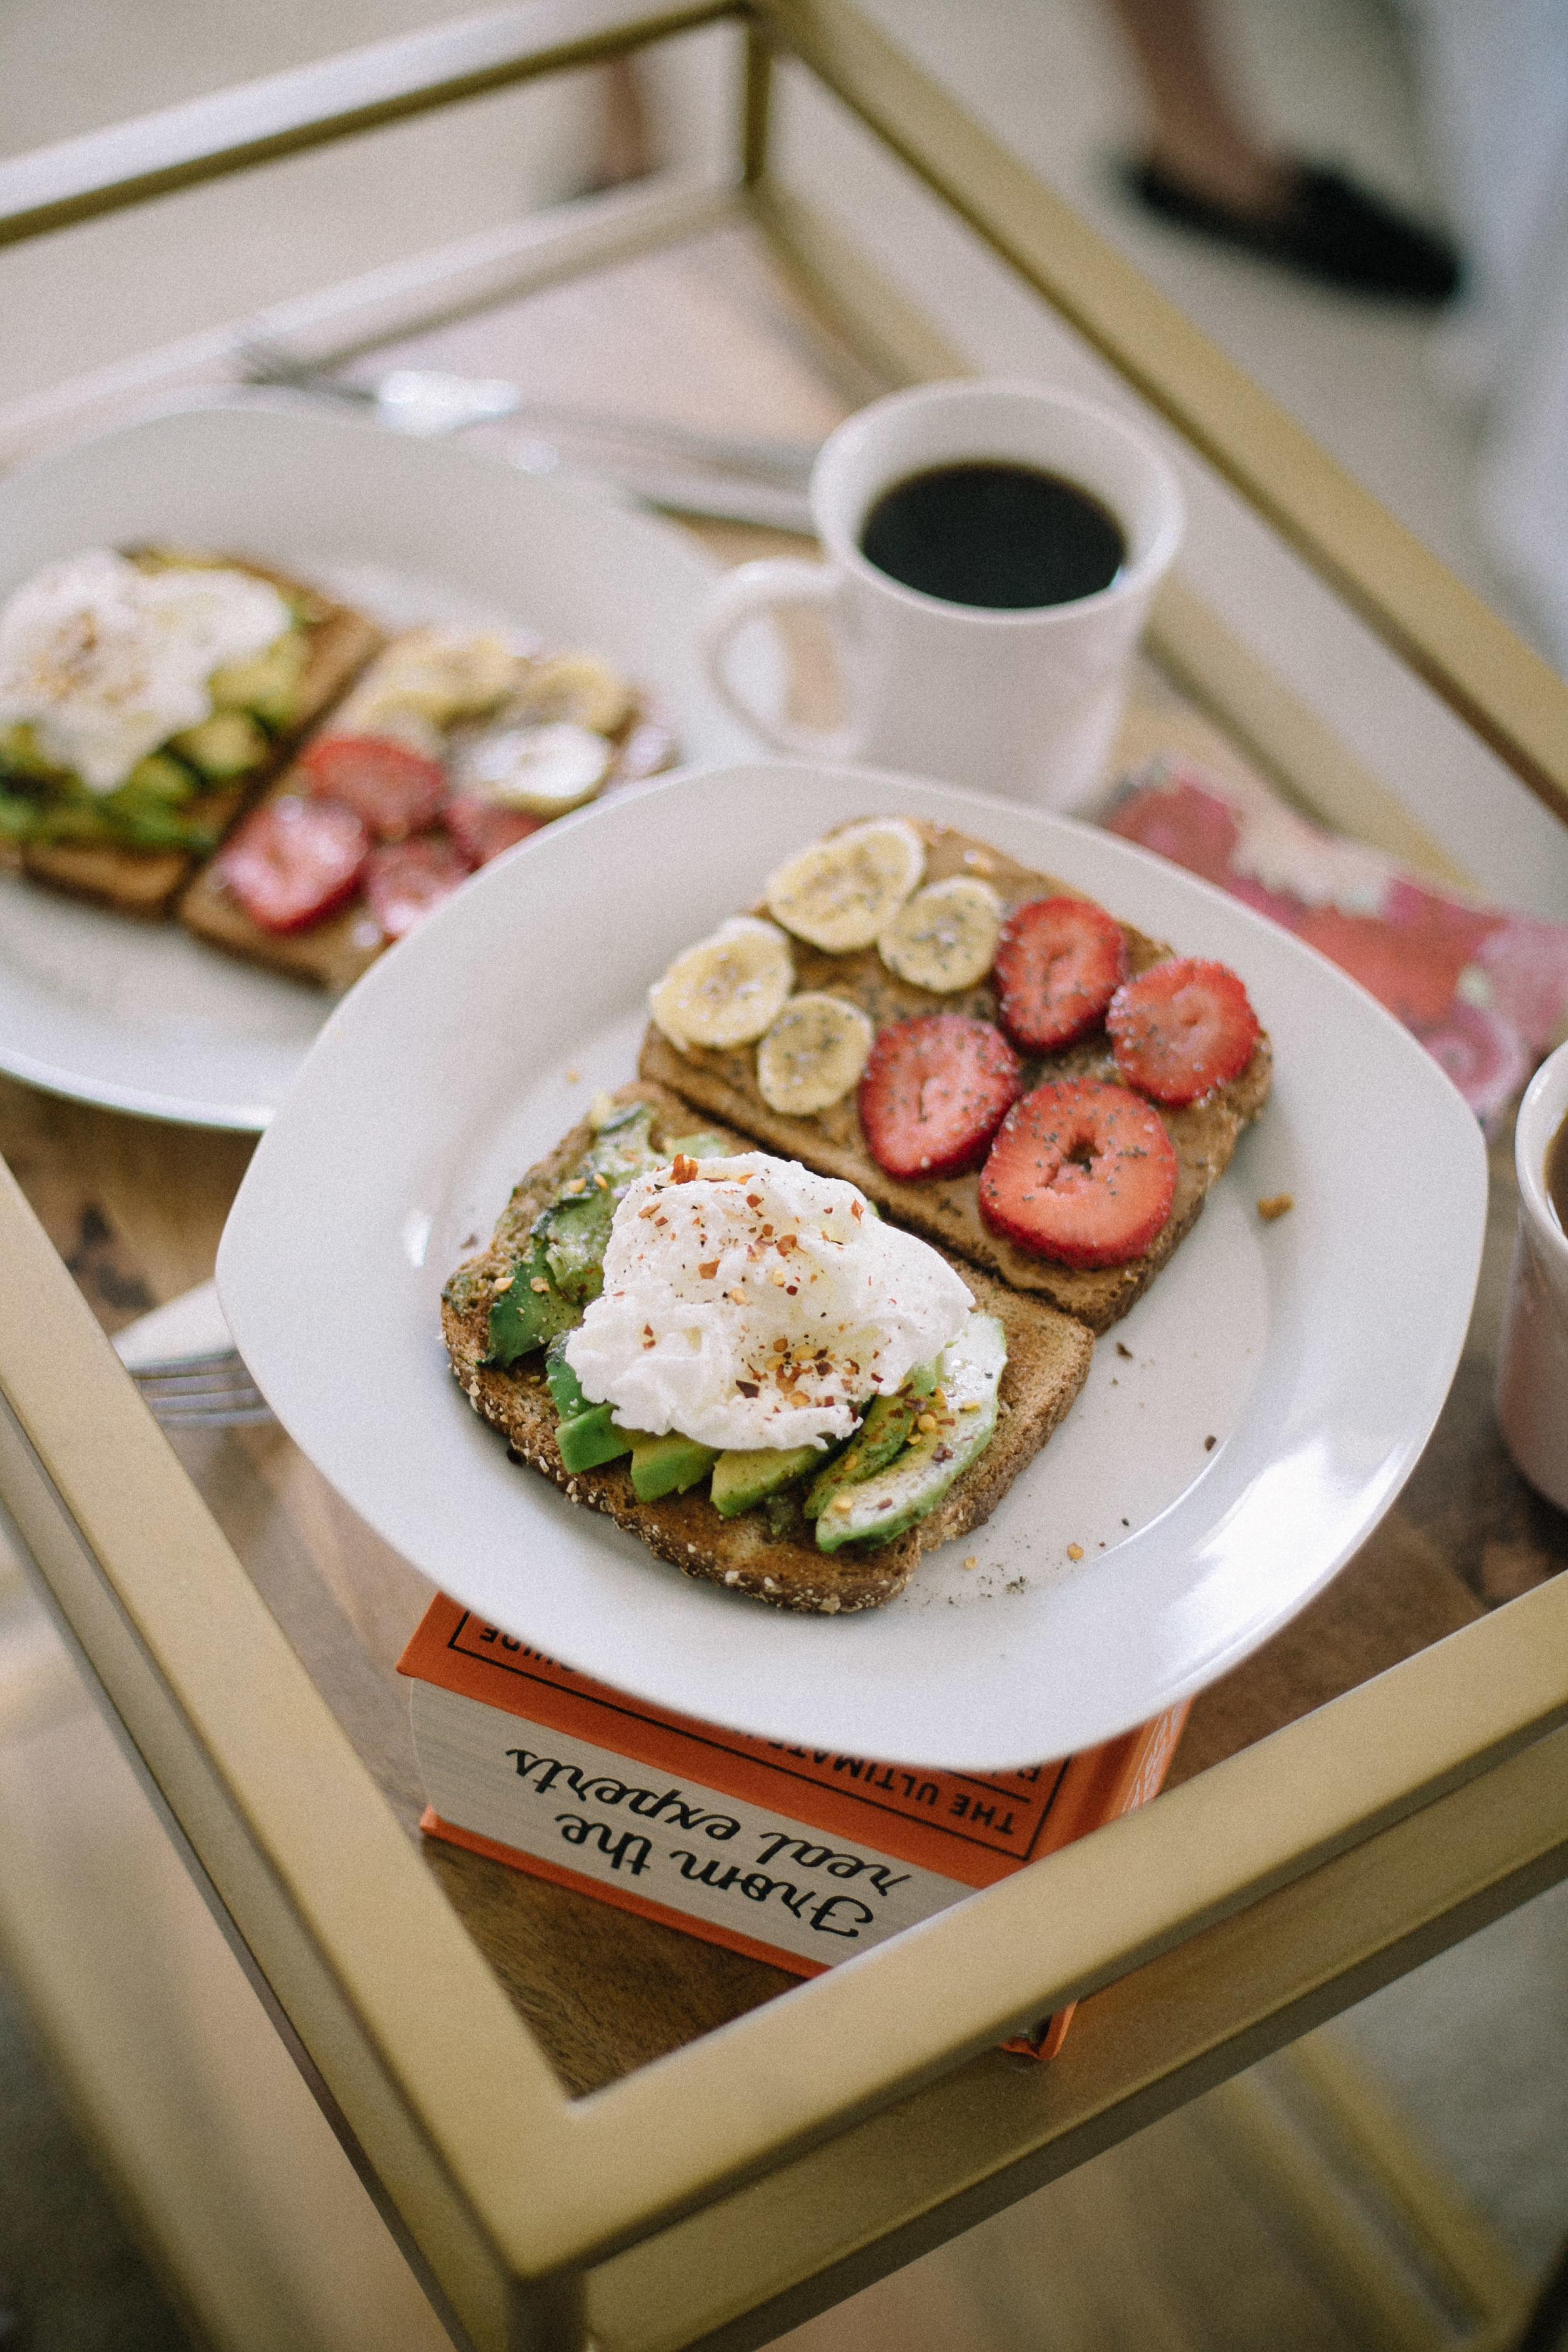 breakfastinbed-2.jpg